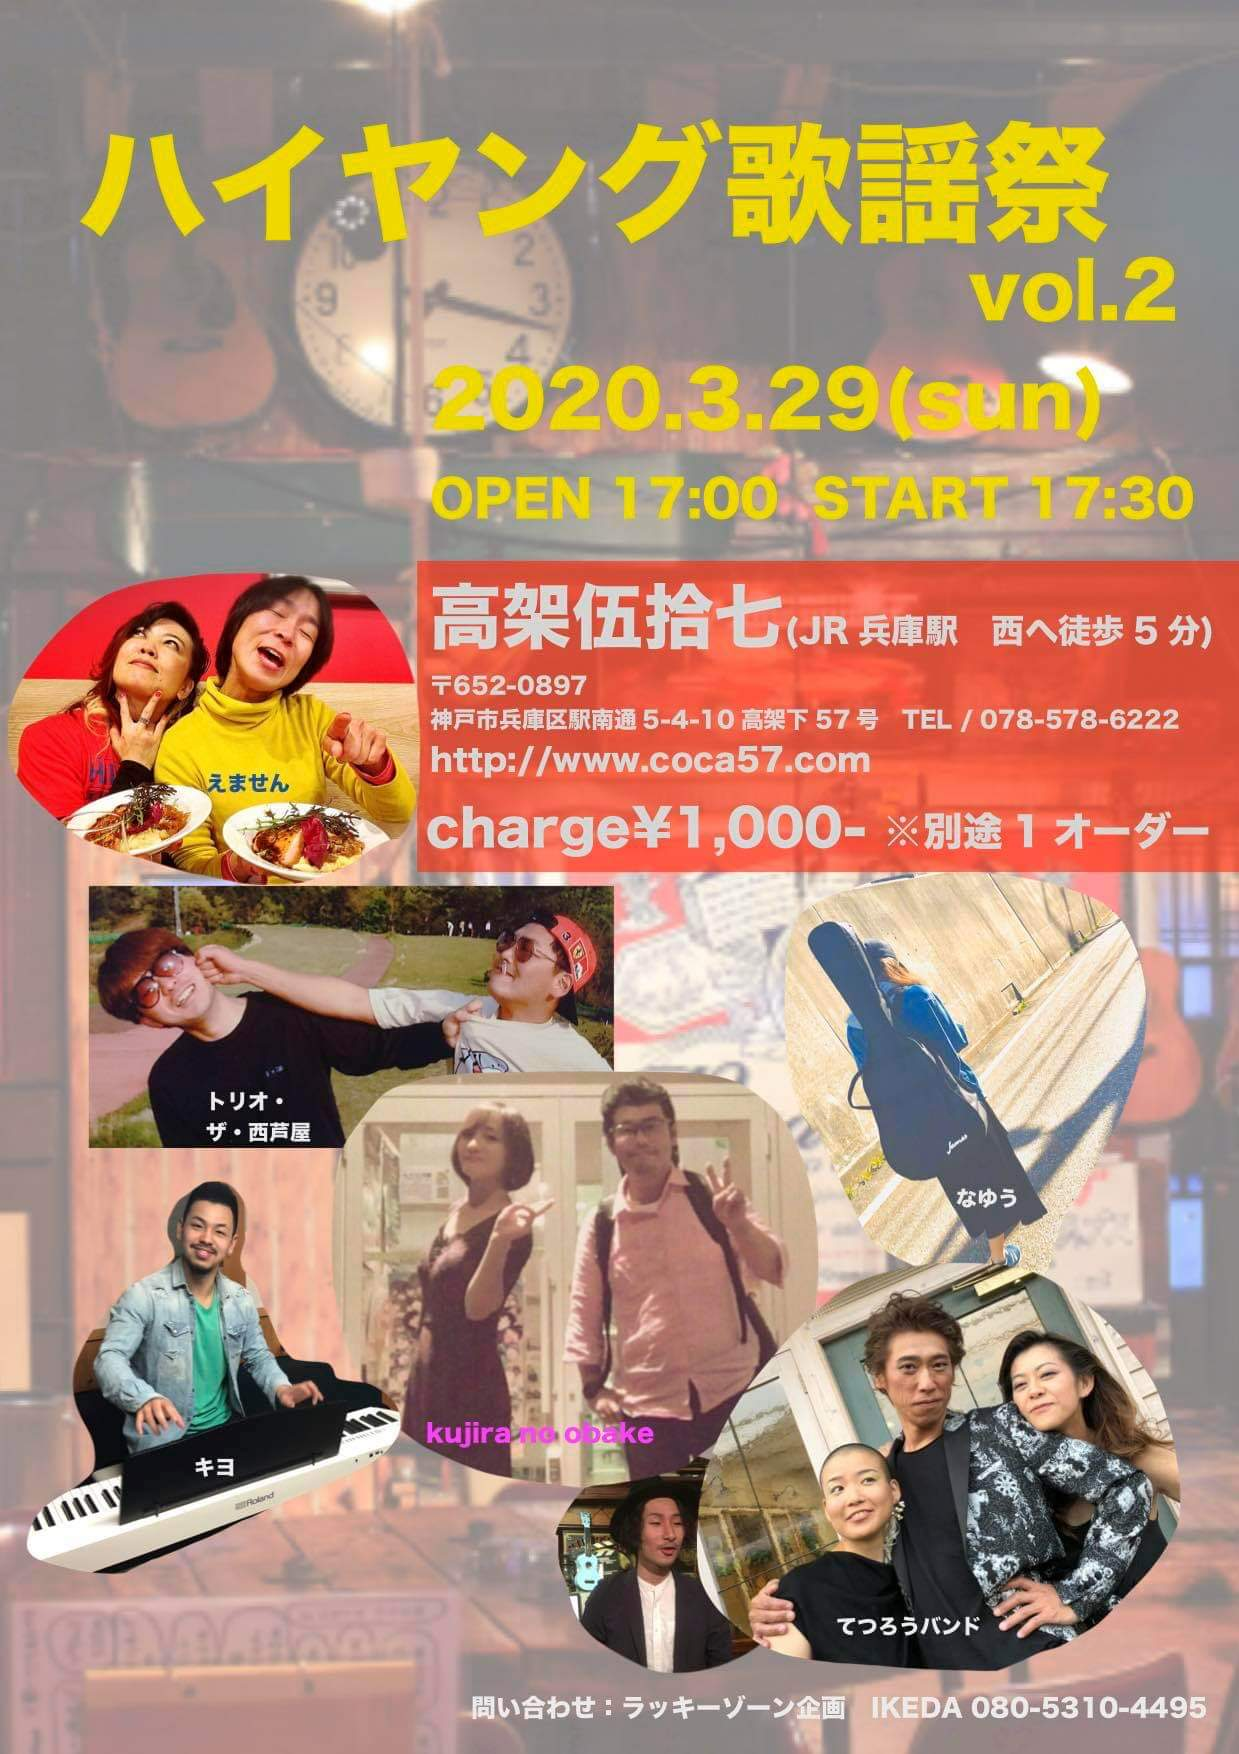 ハイヤング歌謡祭vol12 17時オープン